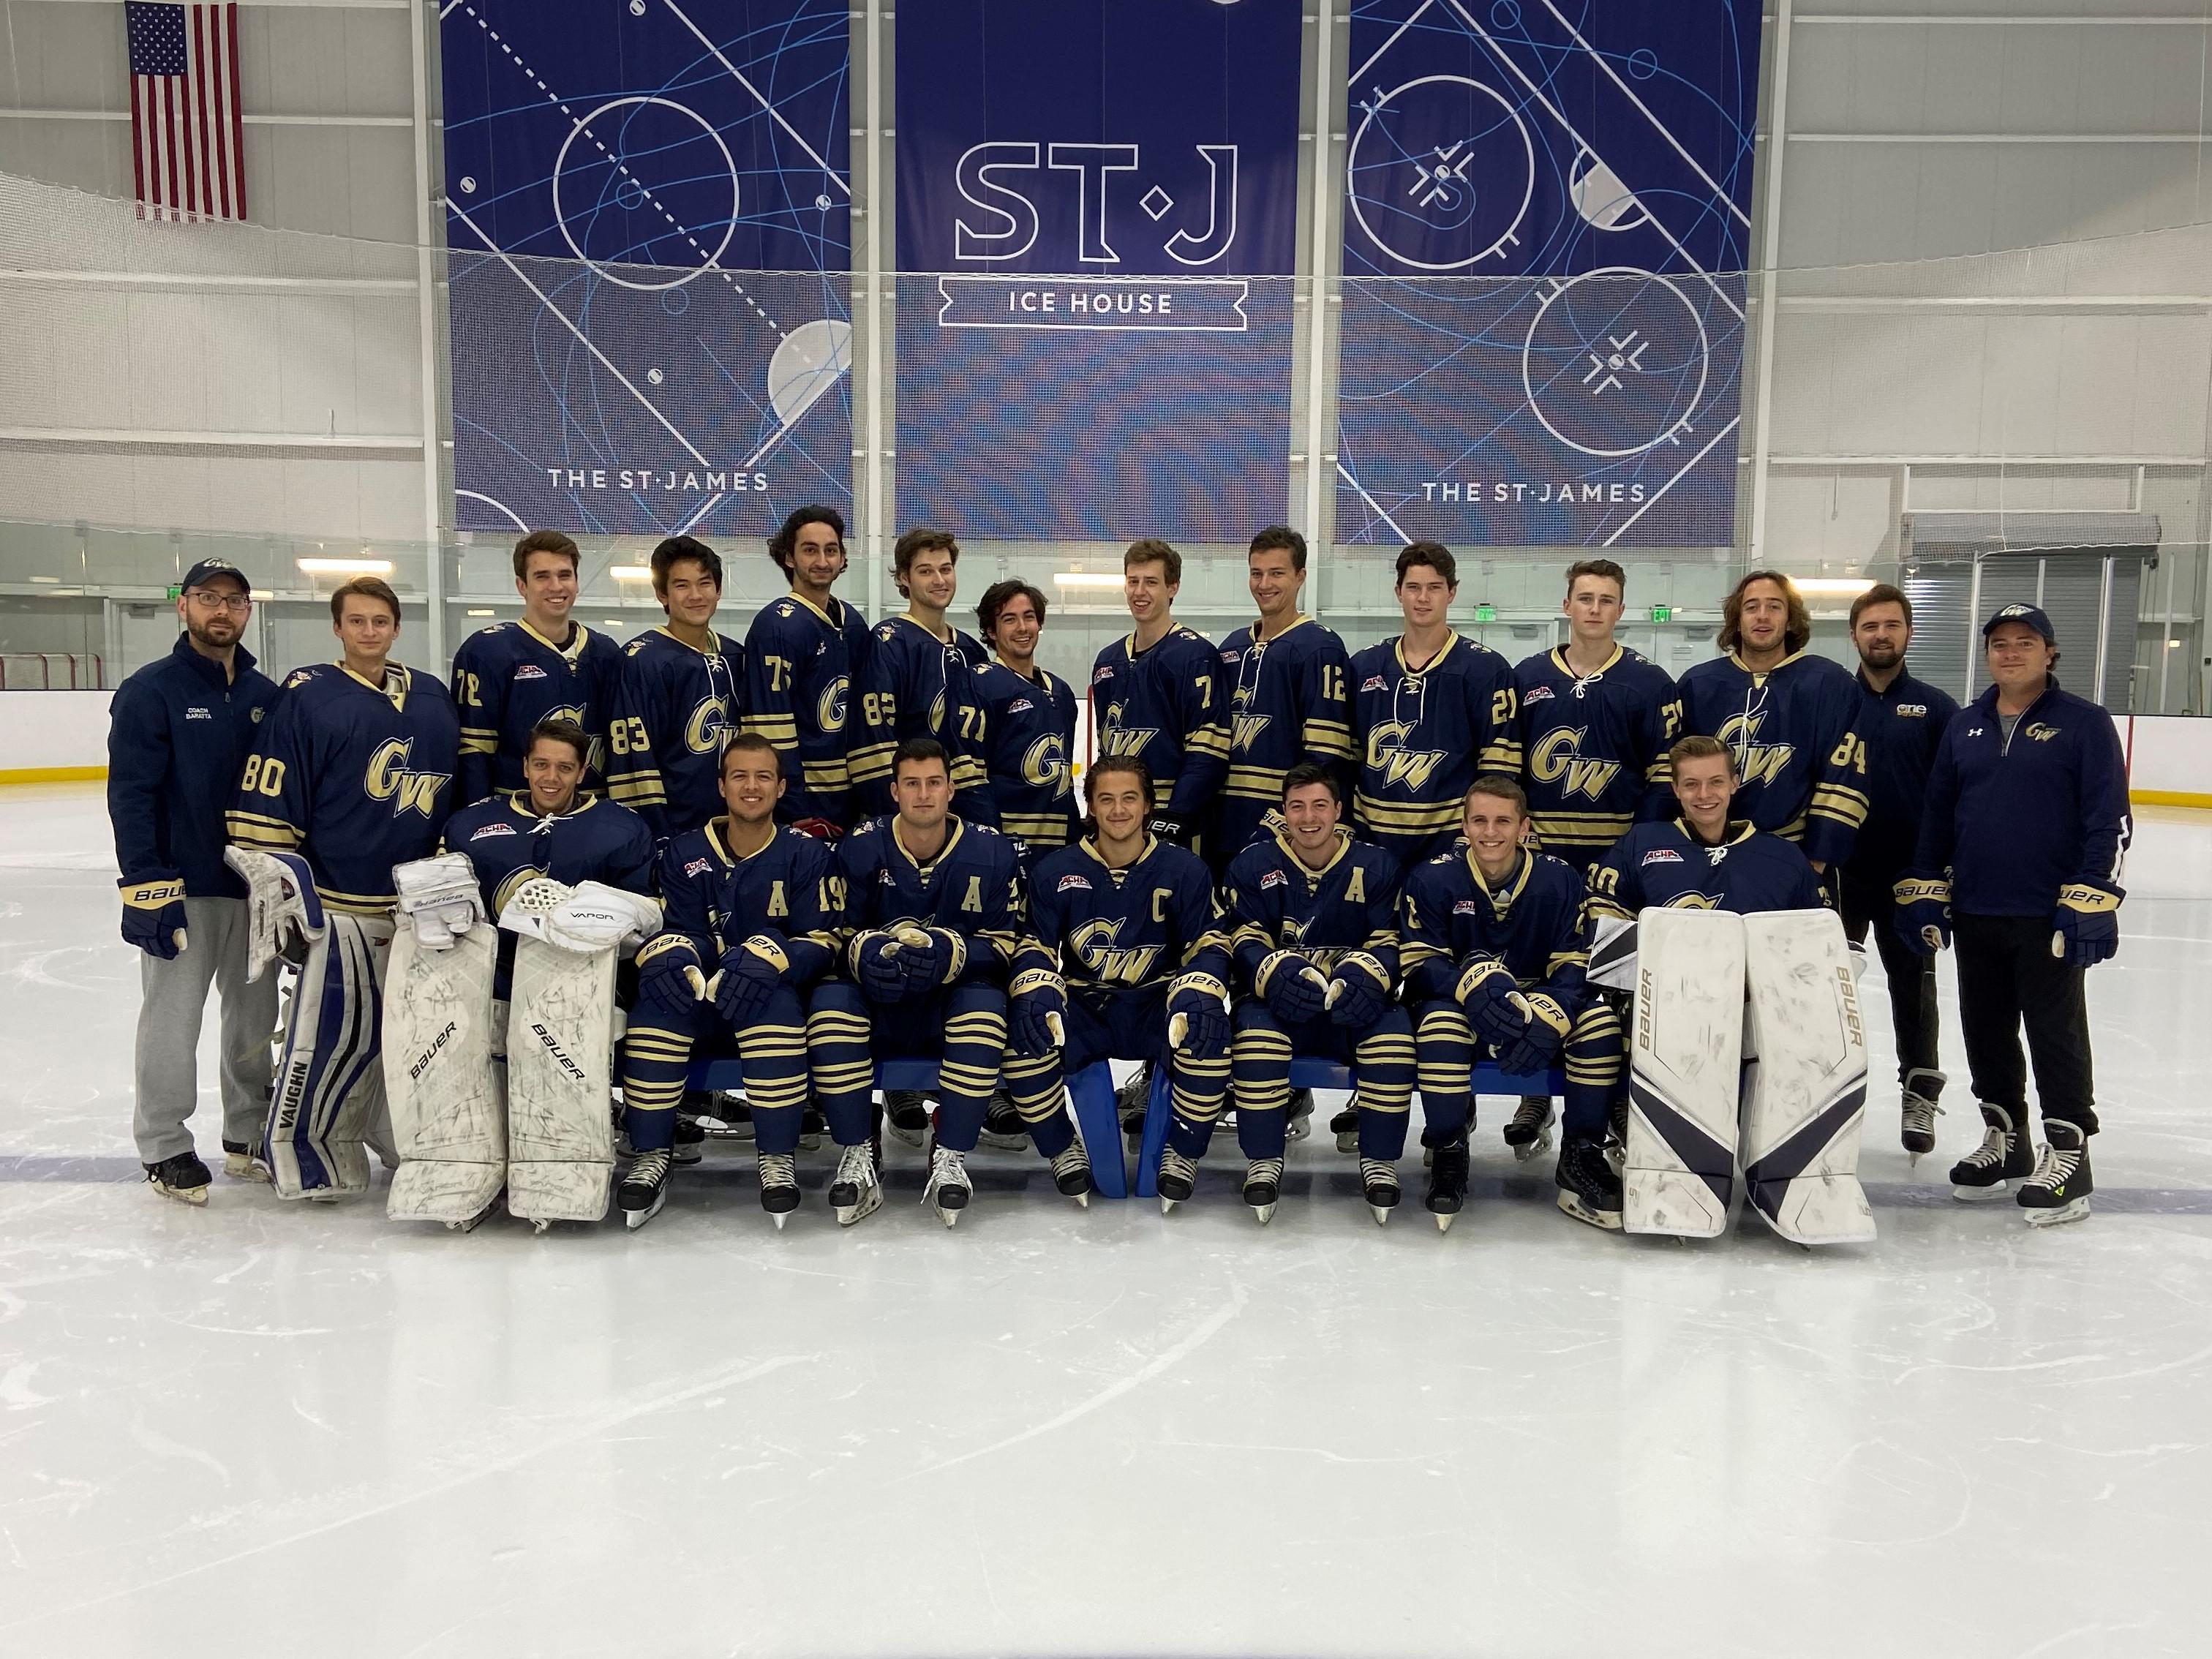 2019-2020 George Washington University Team Photo